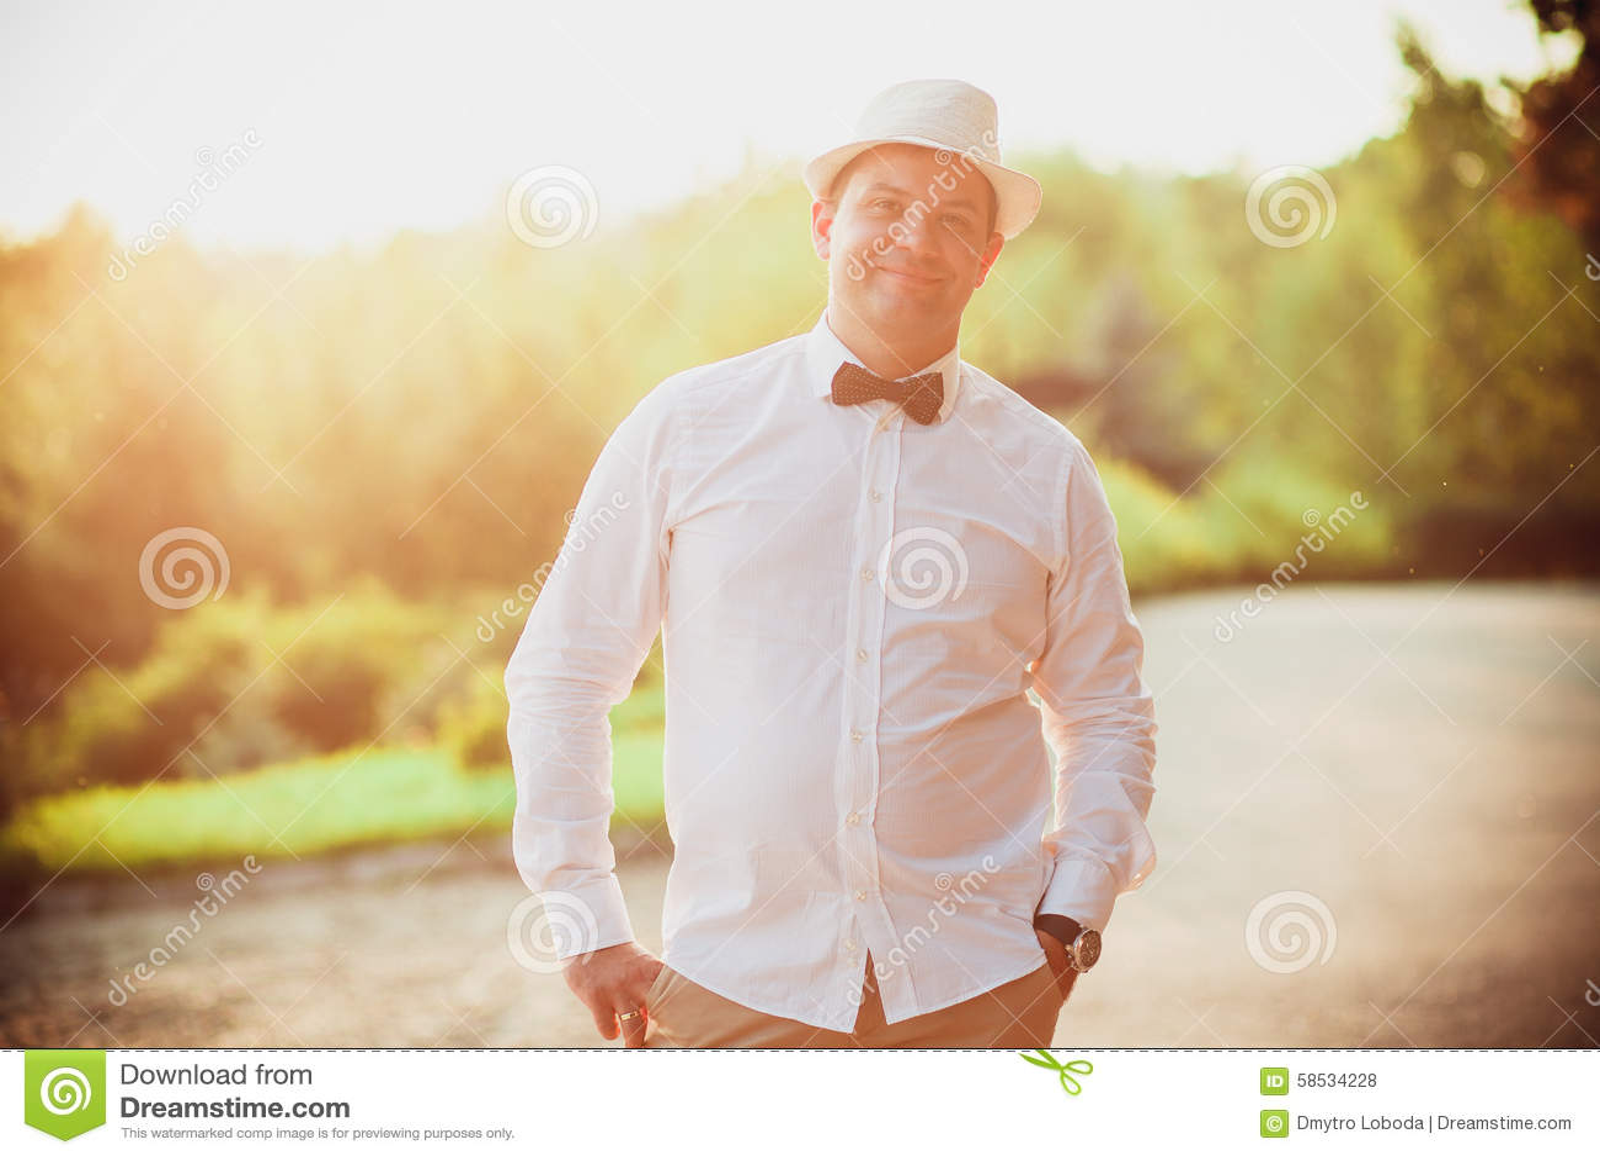 Brautigam Im Hut Stockfoto Bild Von Lacheln Ehemann 58534228